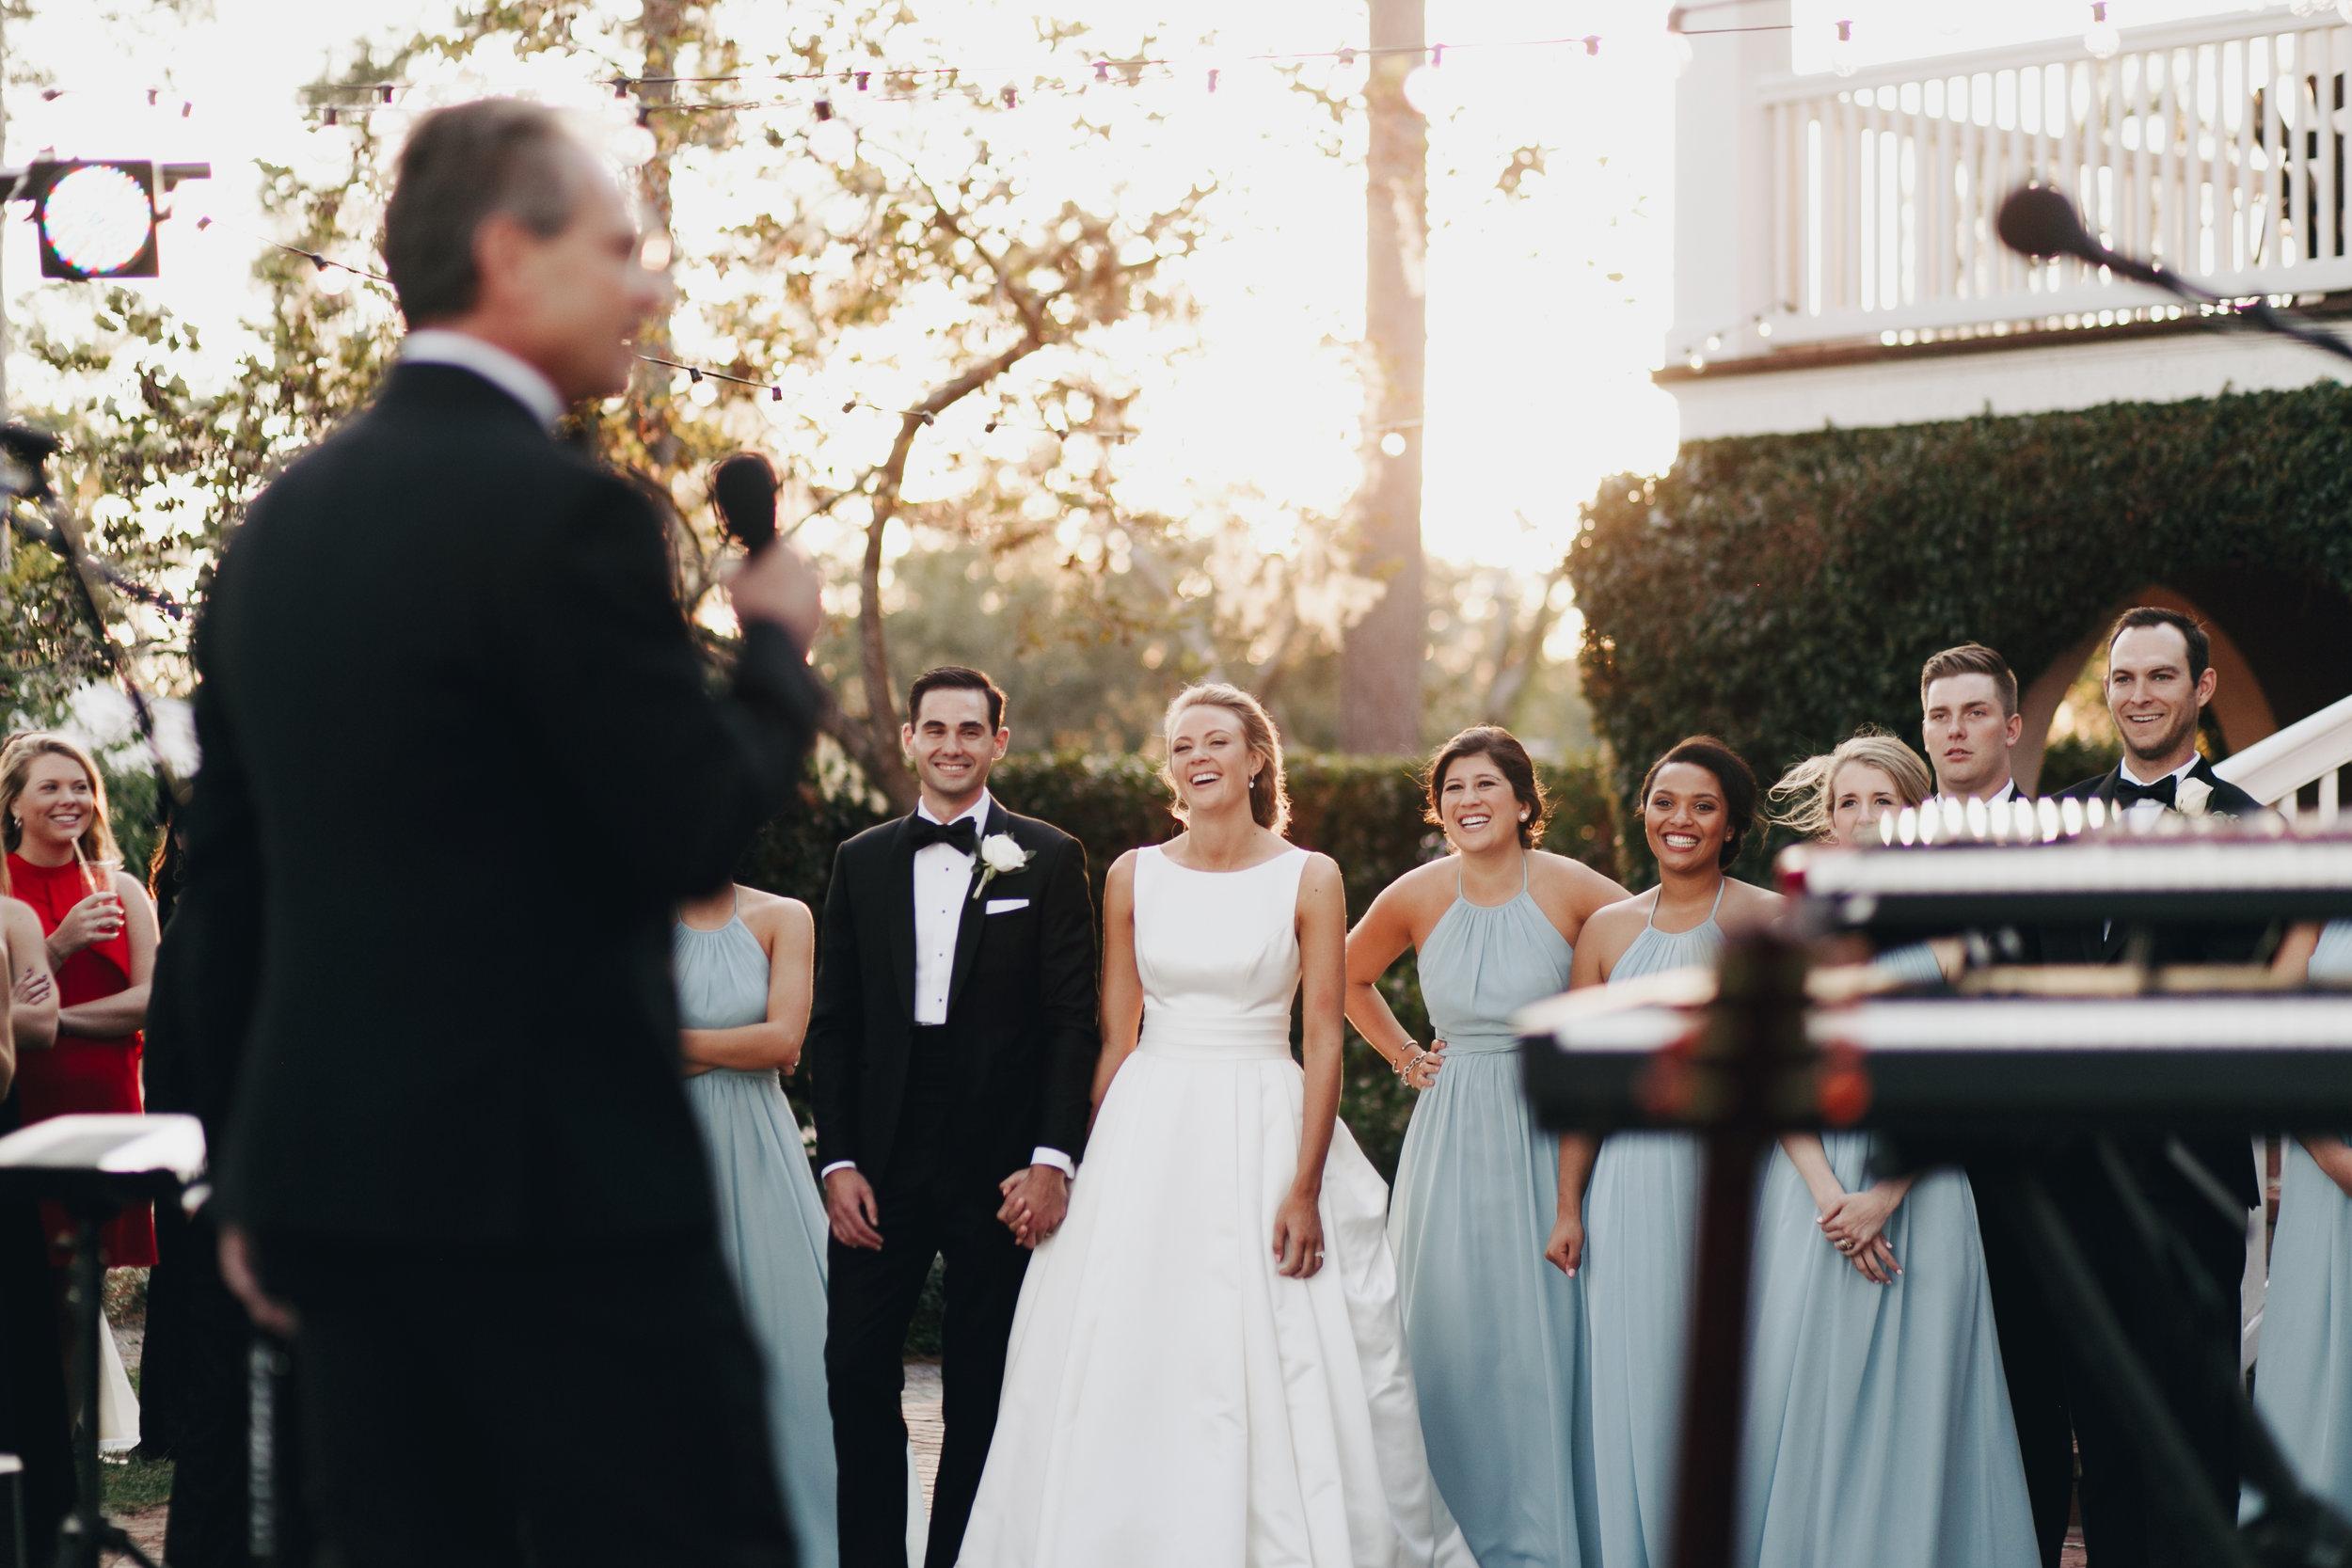 Photography Anthology - Charleston Wedding Photographer (36 of 38).jpg